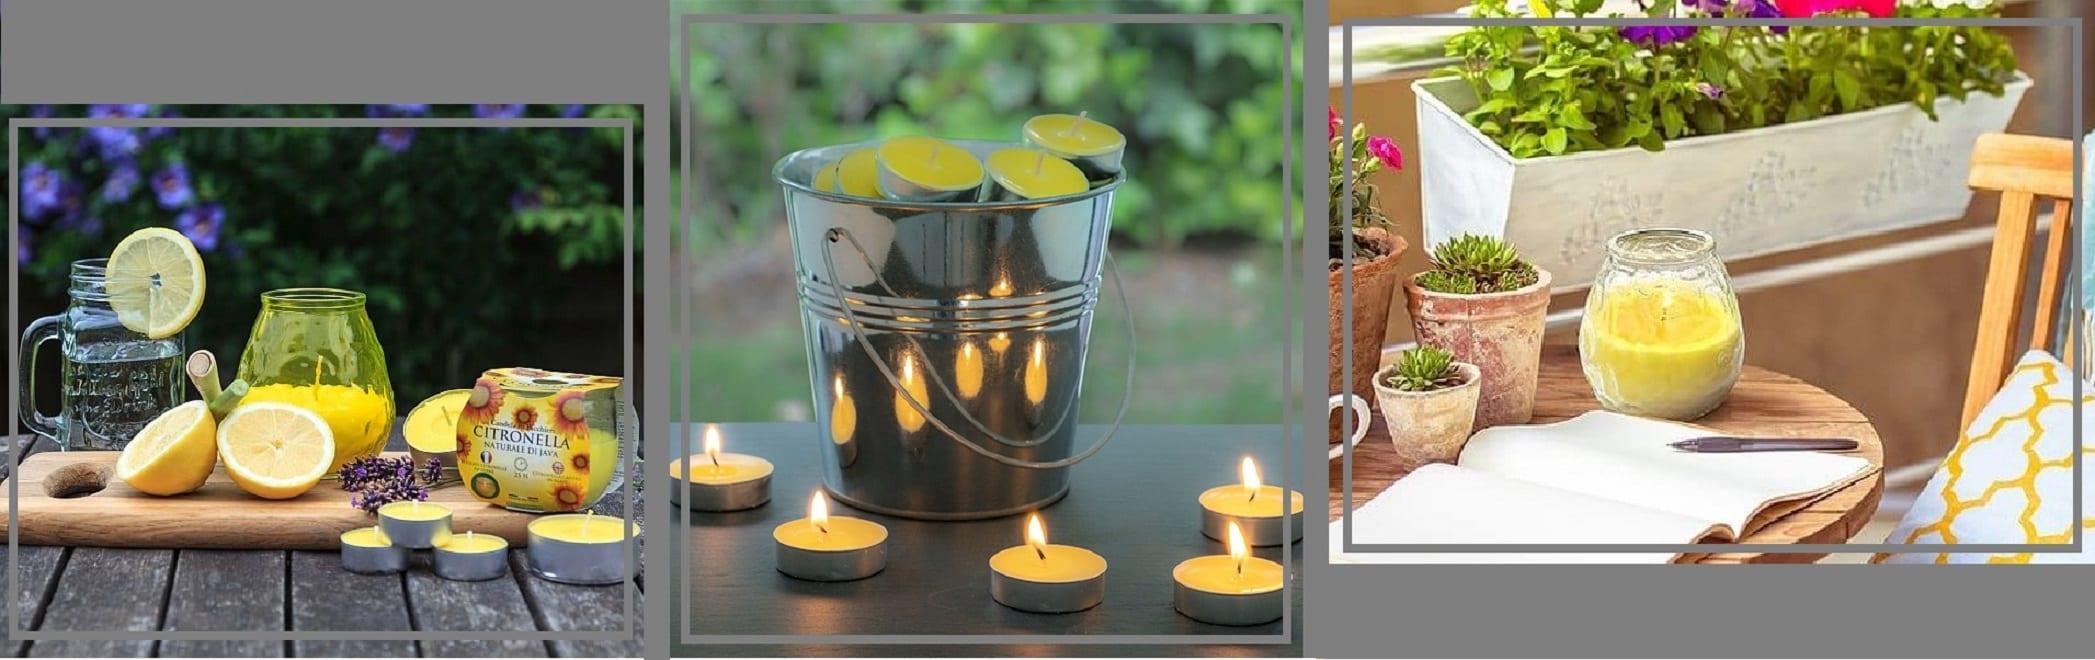 Citronella_Garden_prices bANNER